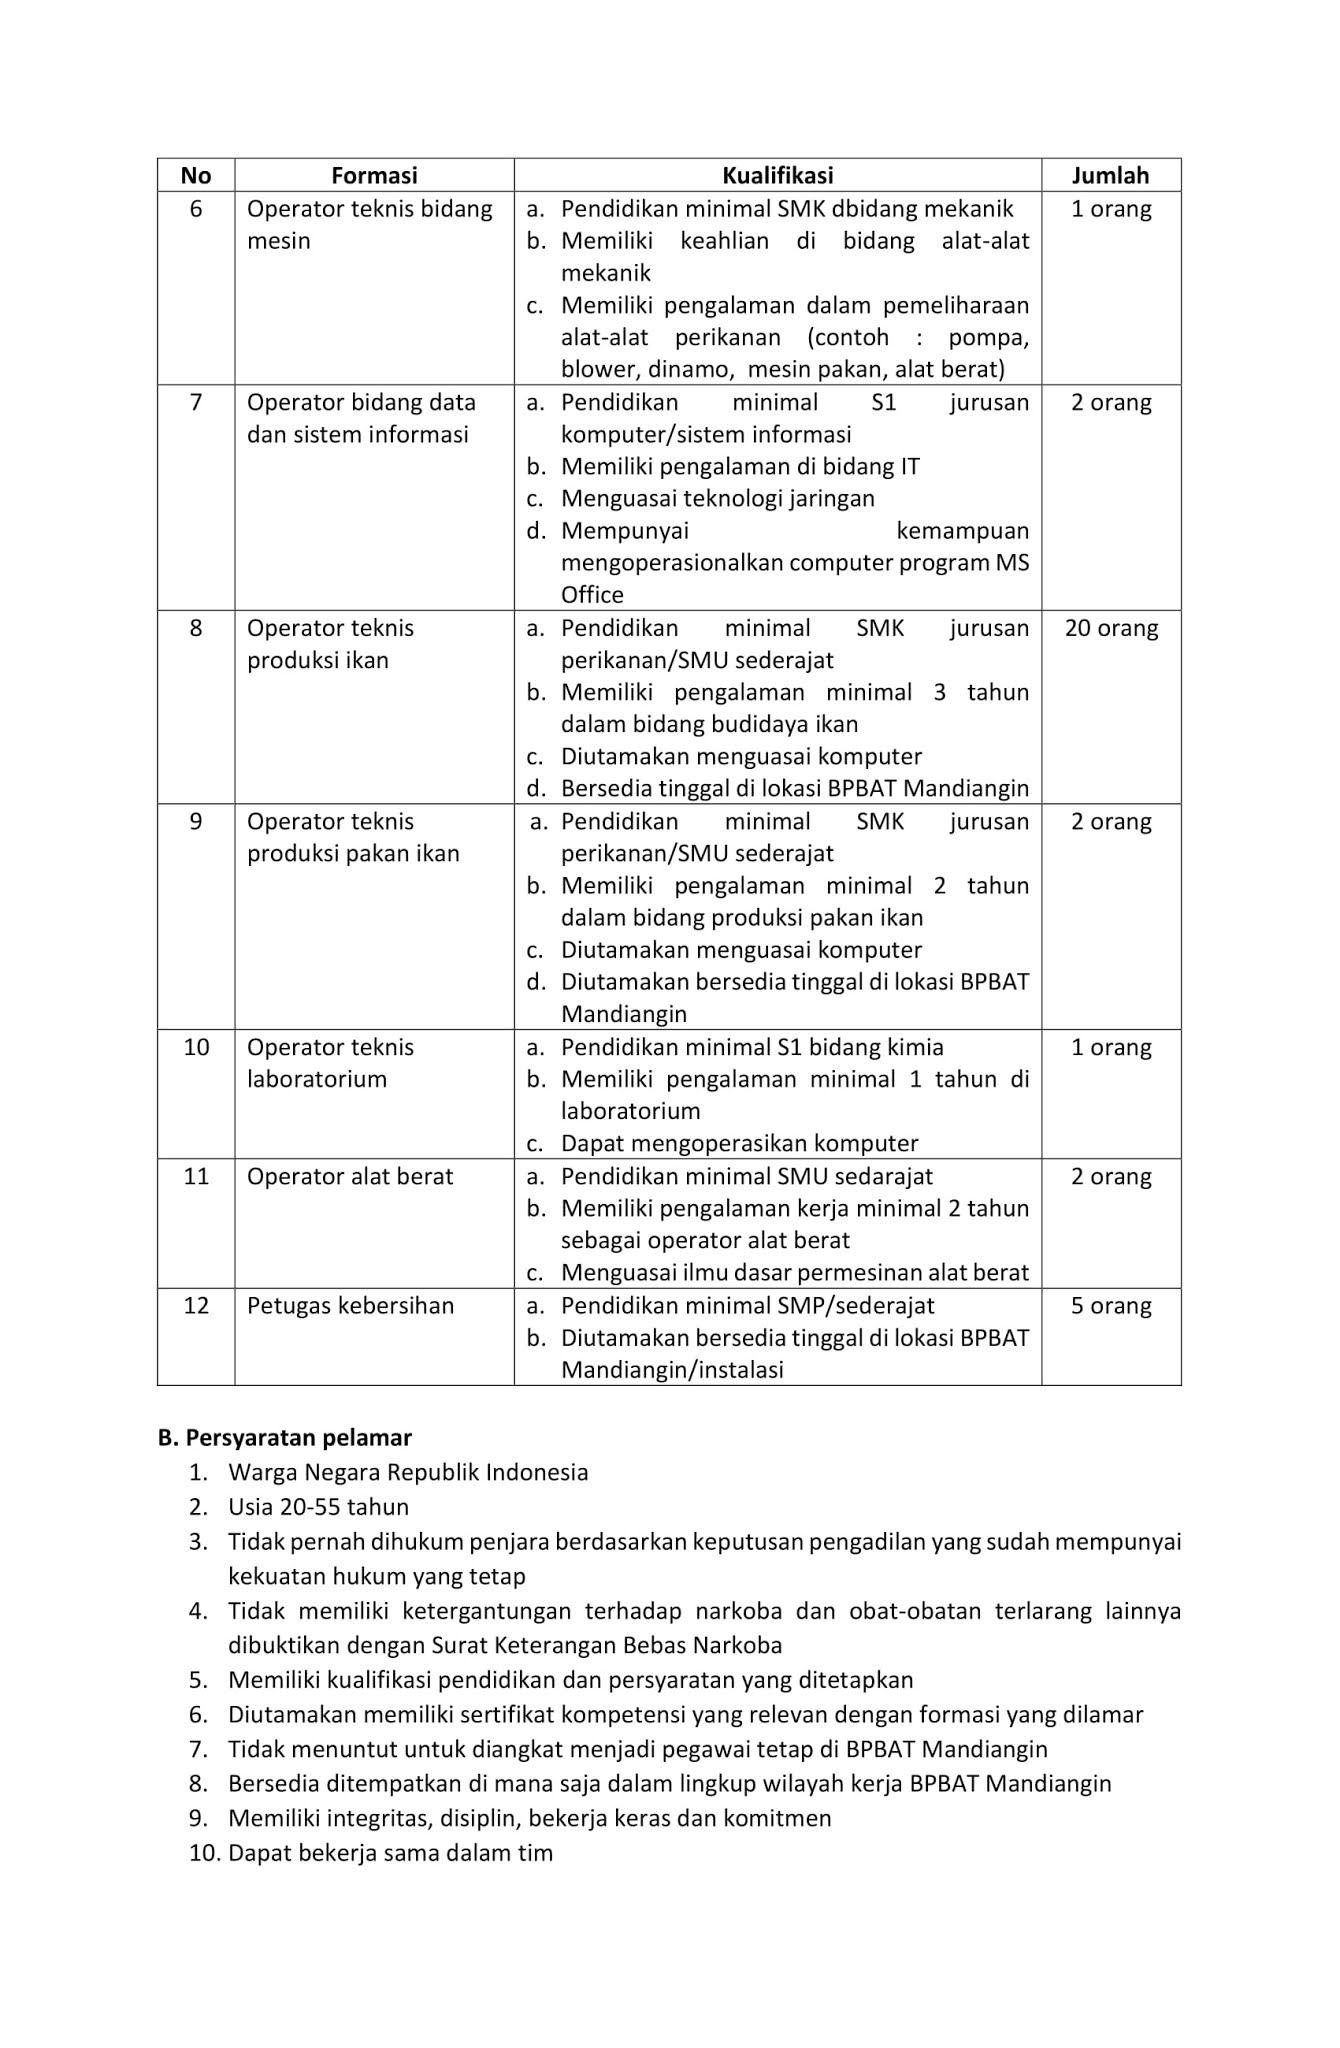 Lowongan Kerja Balai Perikanan Budidaya Air Tawar Kementerian Kelautan Dan Perikanan Januari 2021 Rekrutmen Lowongan Kerja Bulan Januari 2021